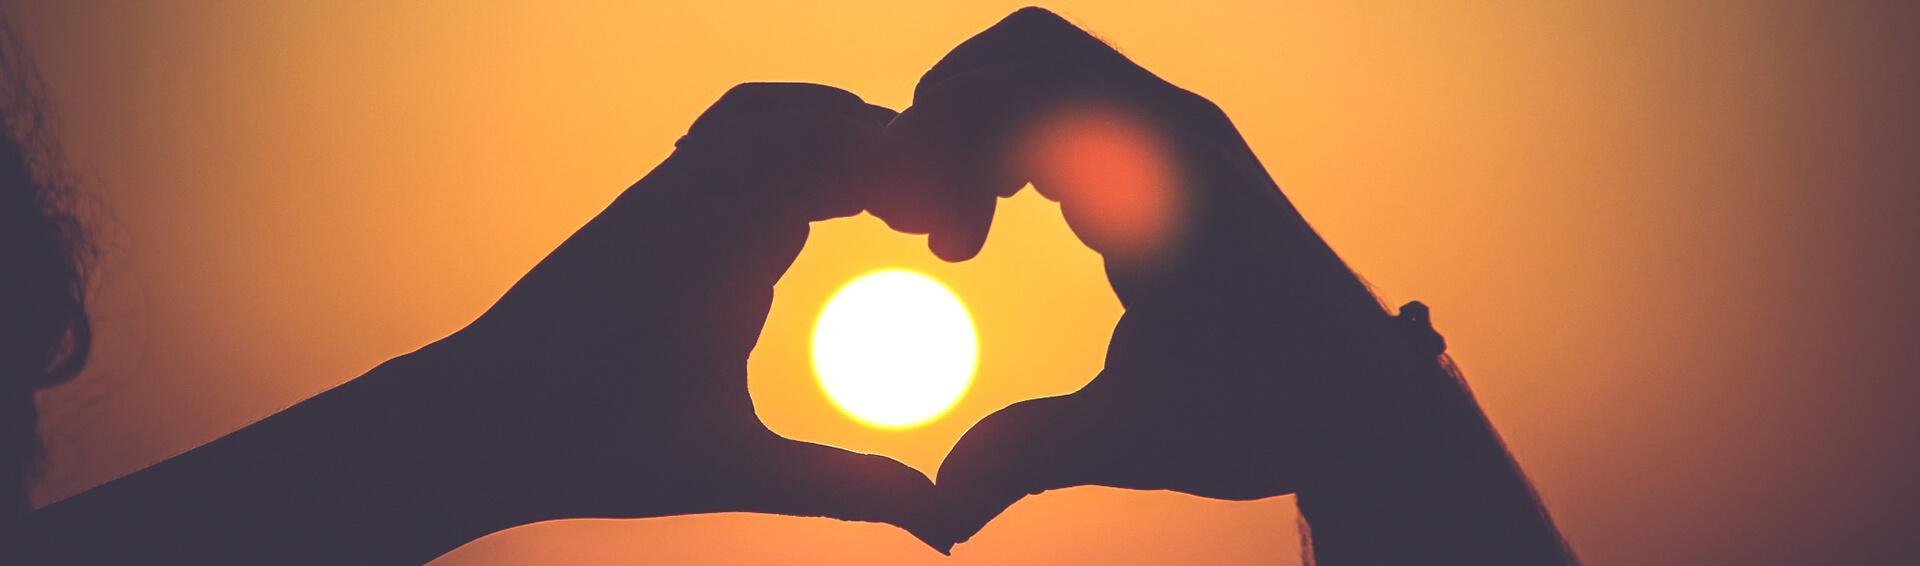 Coeur avec les mains devant un coucher de soleil